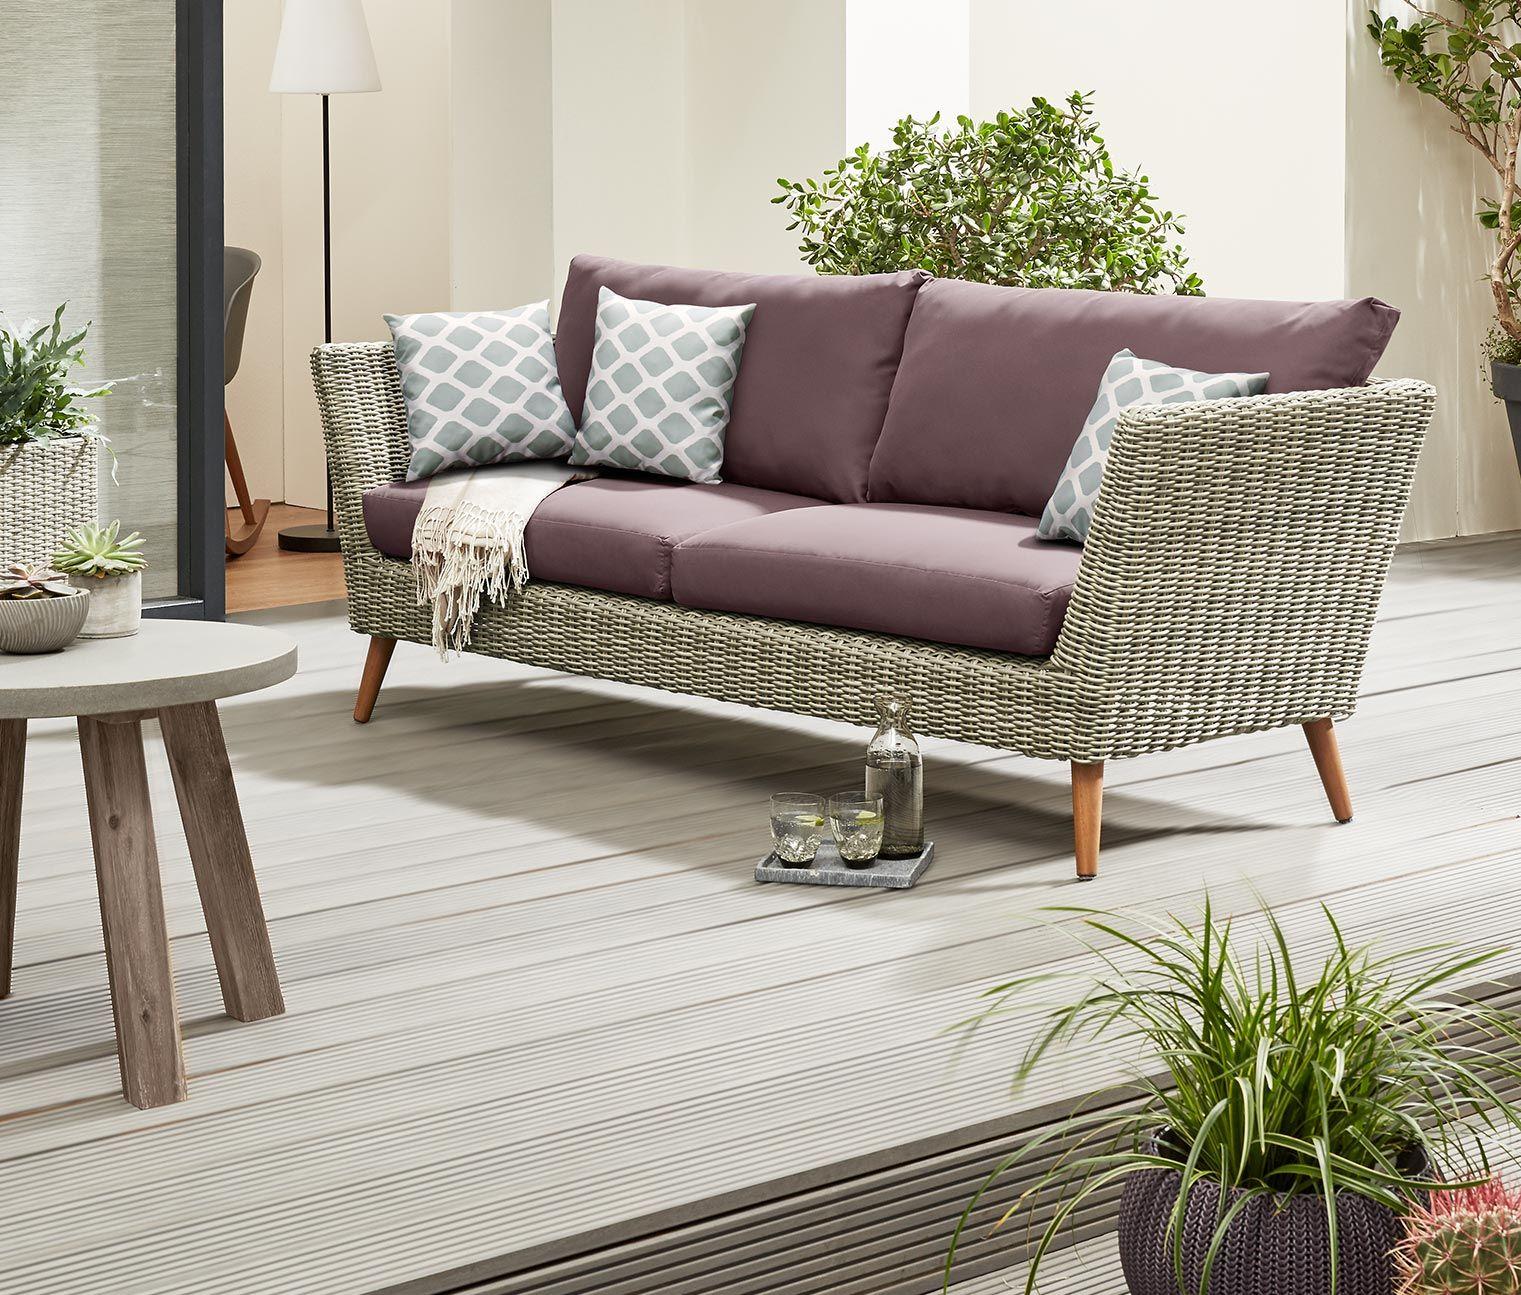 3-Sitzer-Outdoor-Sofa online bestellen bei Tchibo 336726 | wohnung ...